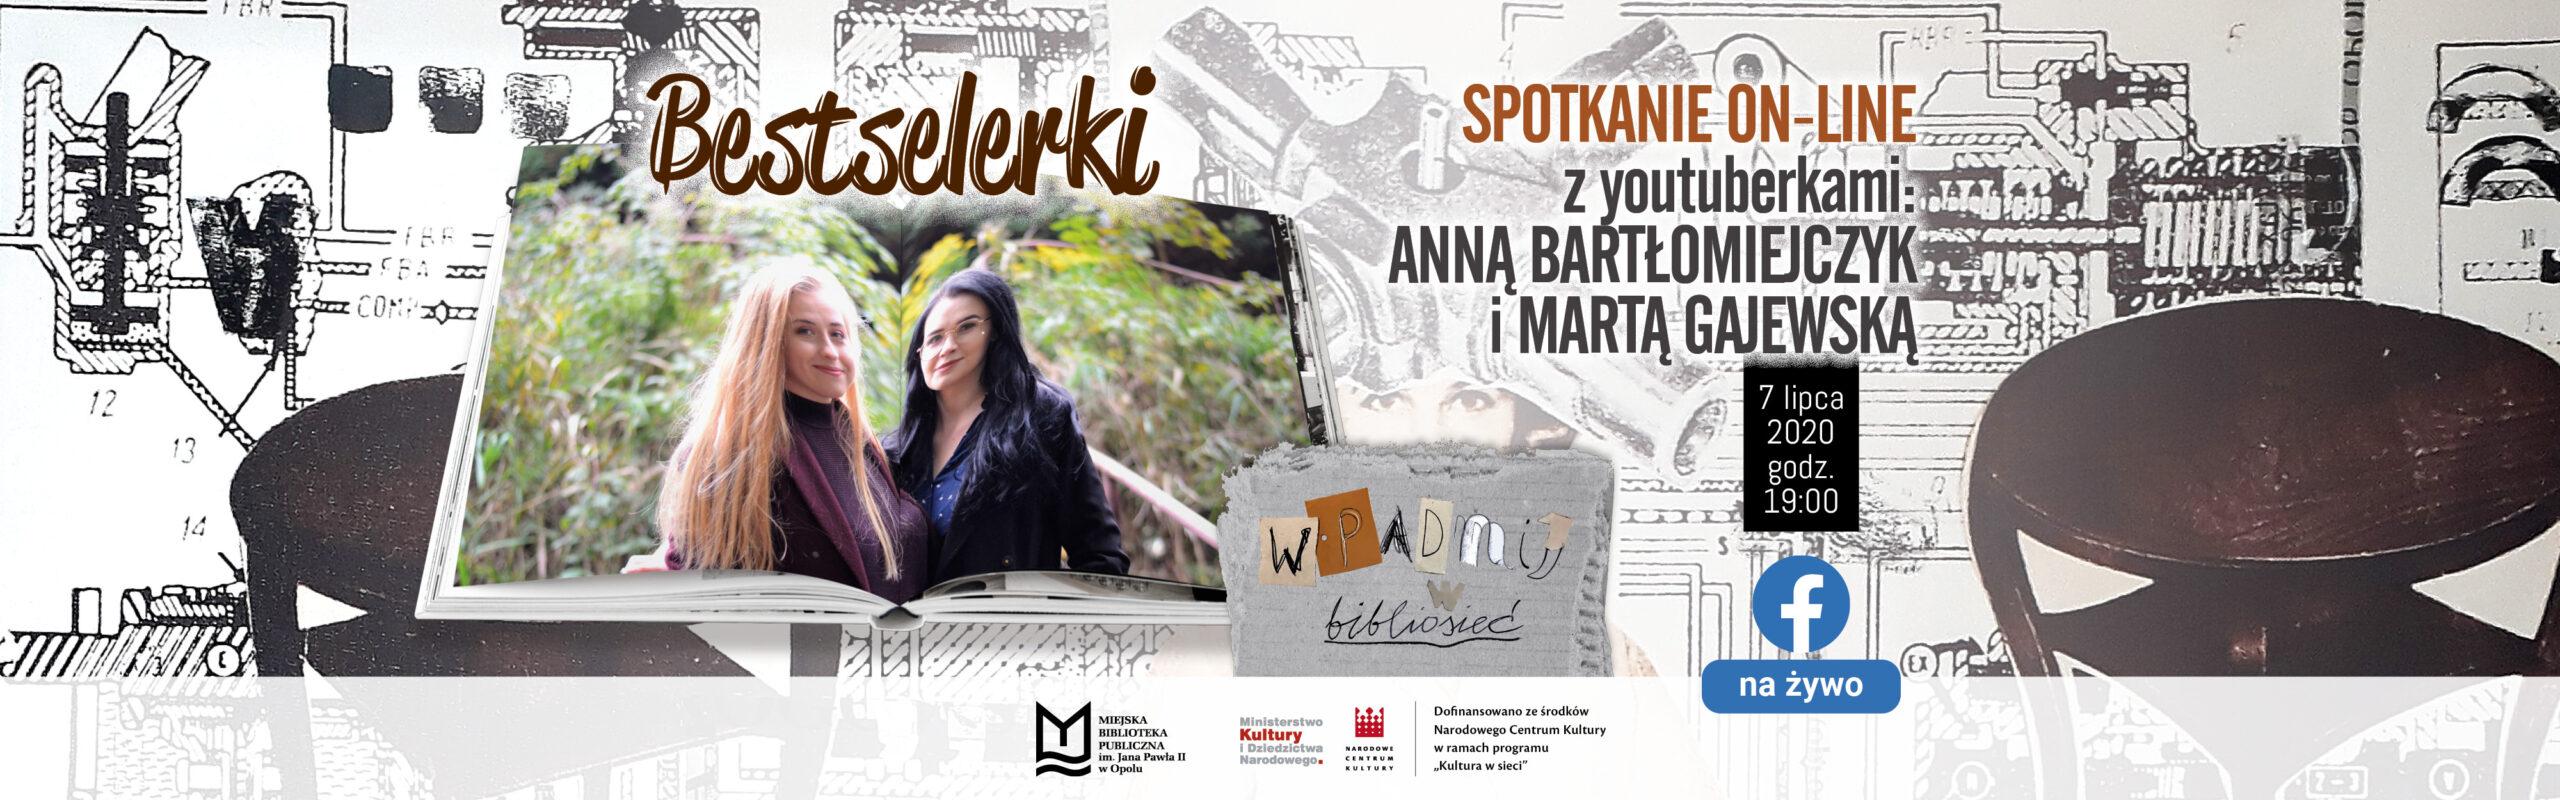 Bestselerki – spotkanie online z youtuberkami: Anną Bartłomiejczyk i Martą Gajewską